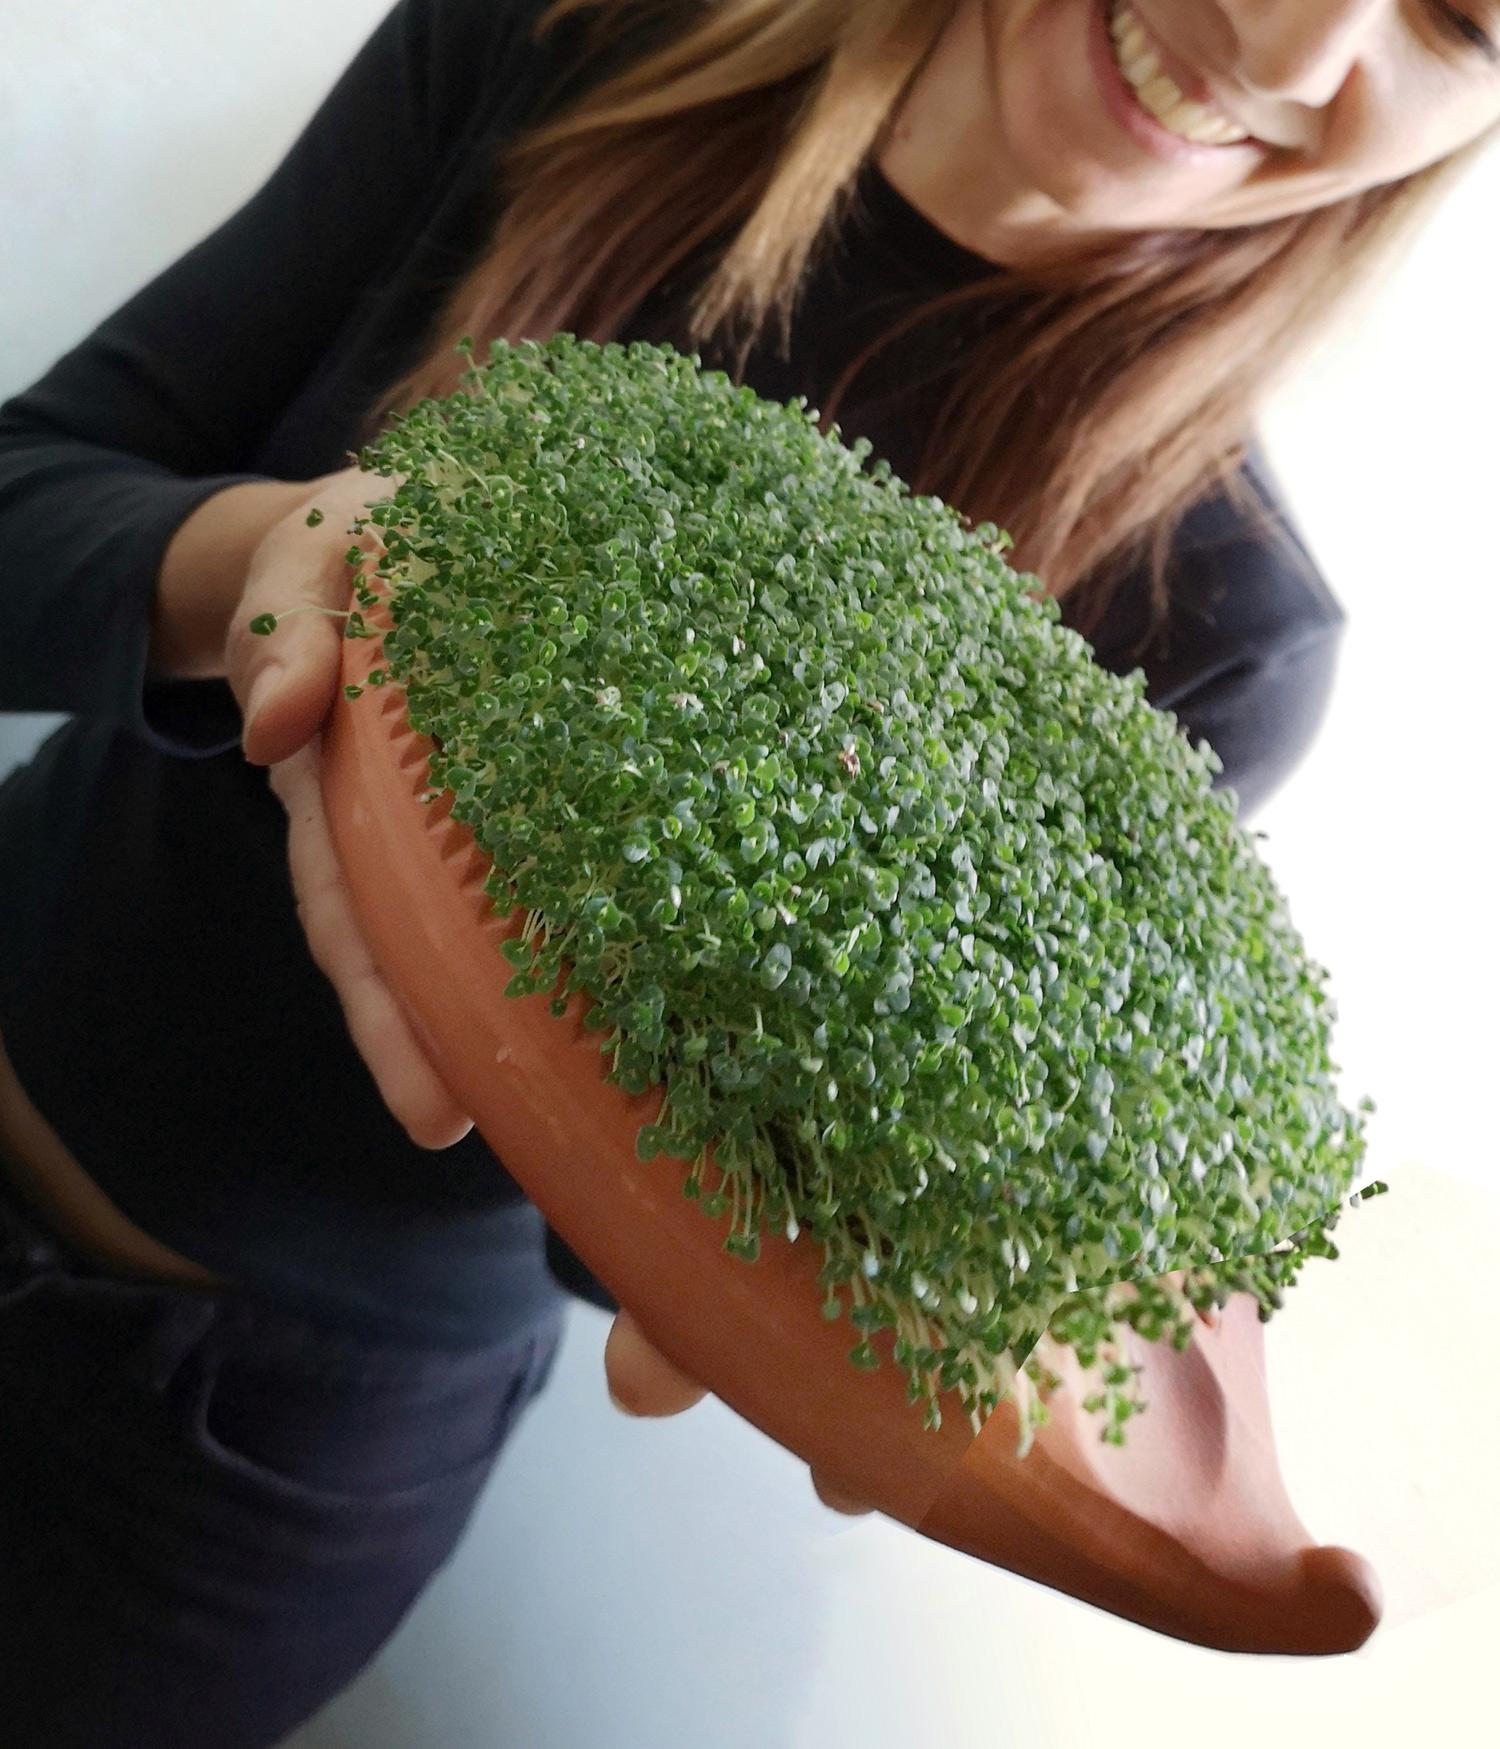 Per i semi di Chia, che sono mucillaginosi, come germogliatore utilizzo un riccio di terracotta | ©foto Sandra Longinotti